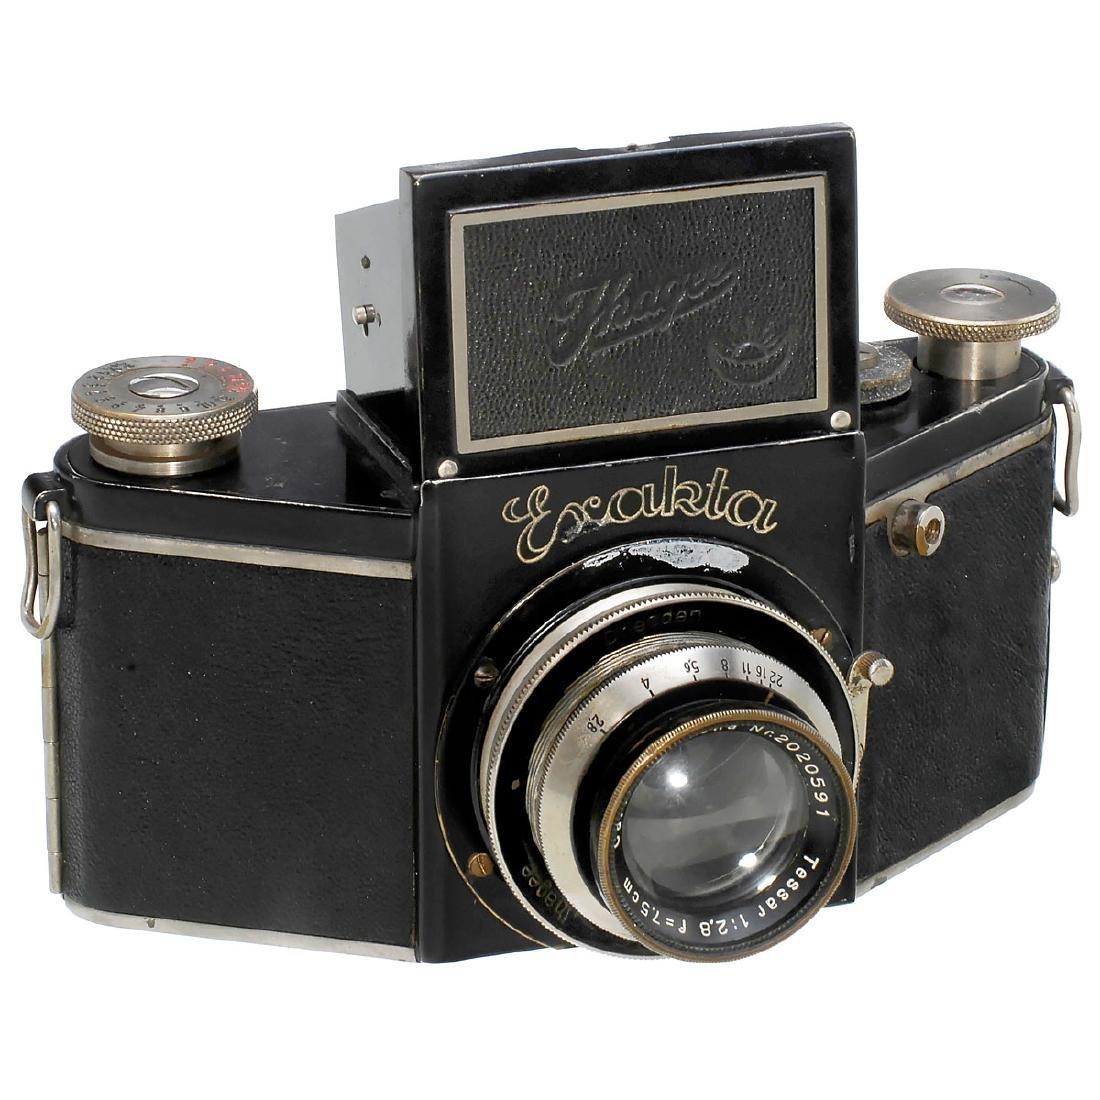 Exakta B, 1934